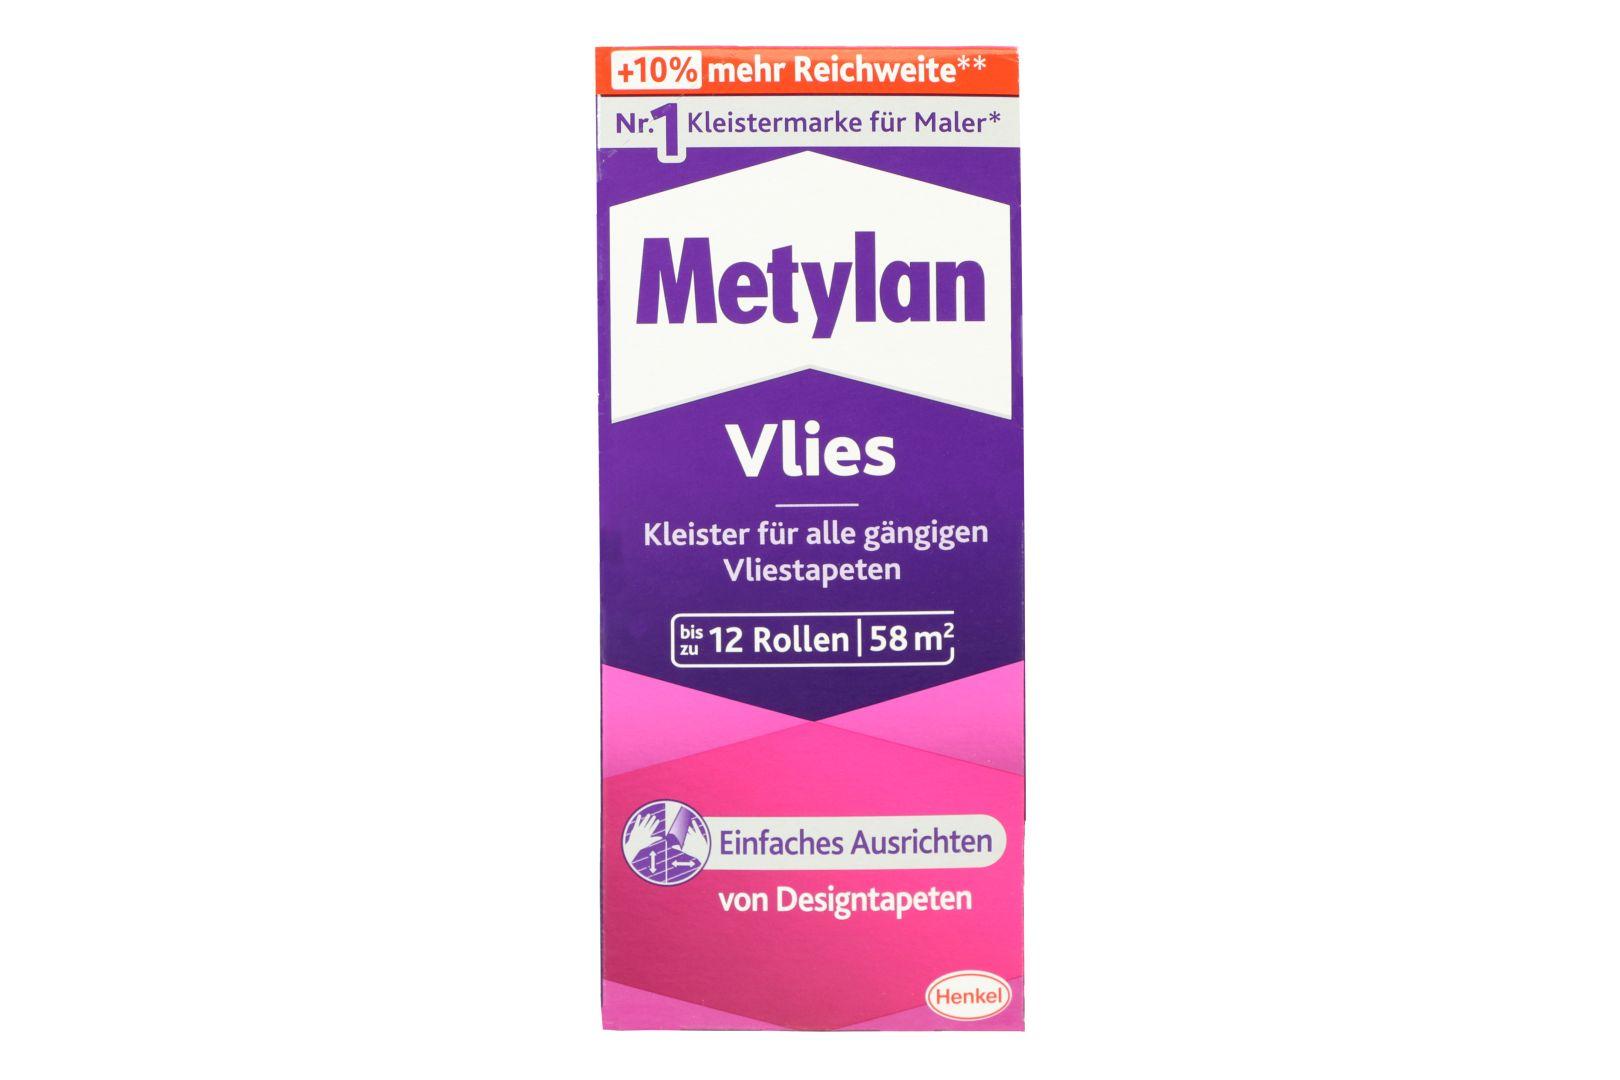 Metylan Vlies, Kleister für Vliestapeten, Ausbeute ca. 58 m², 360 g